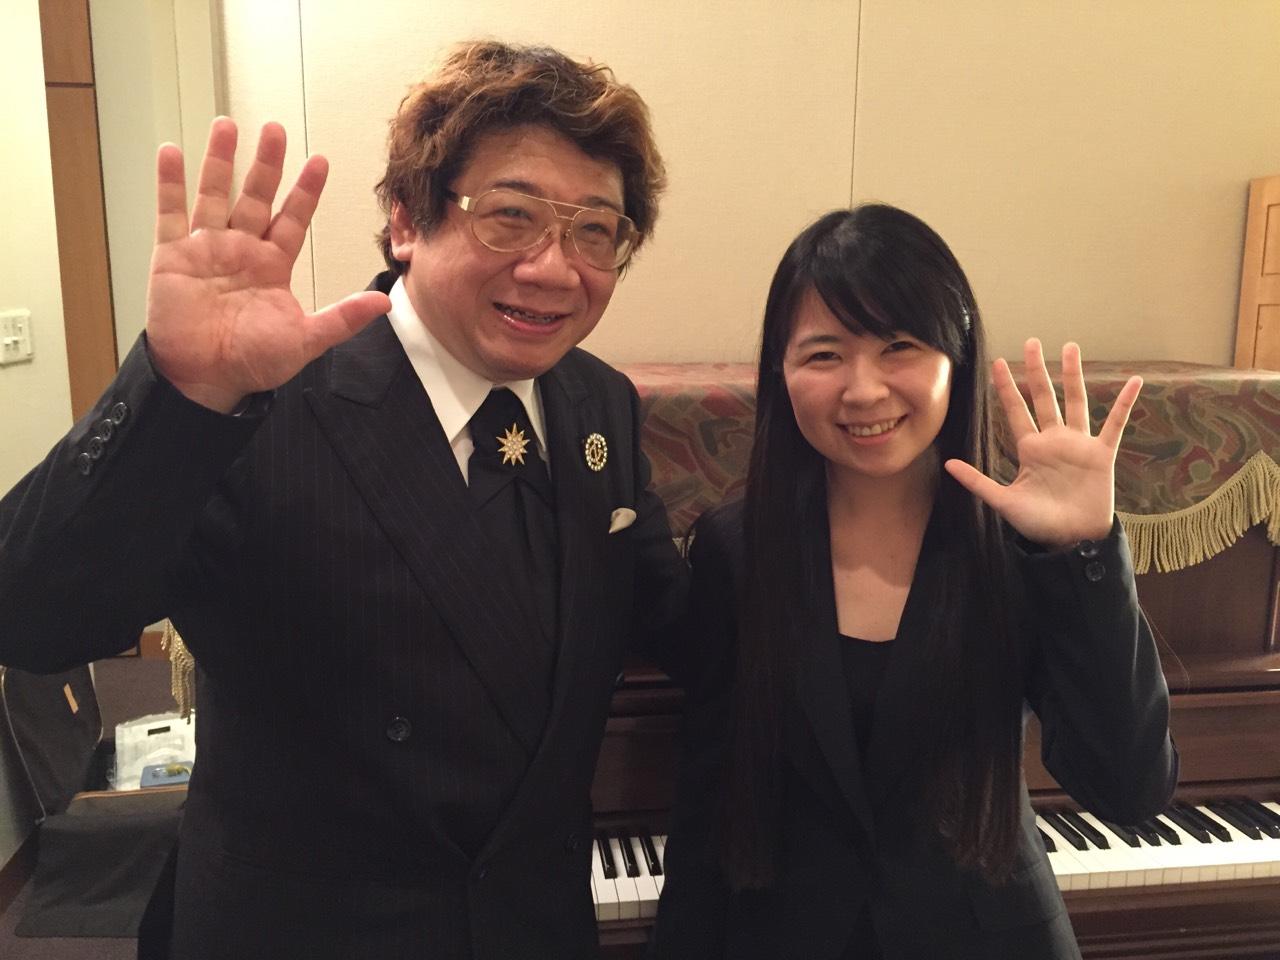 武田忠善さんコンサート華やかに大成功!_a0041150_1248778.jpg